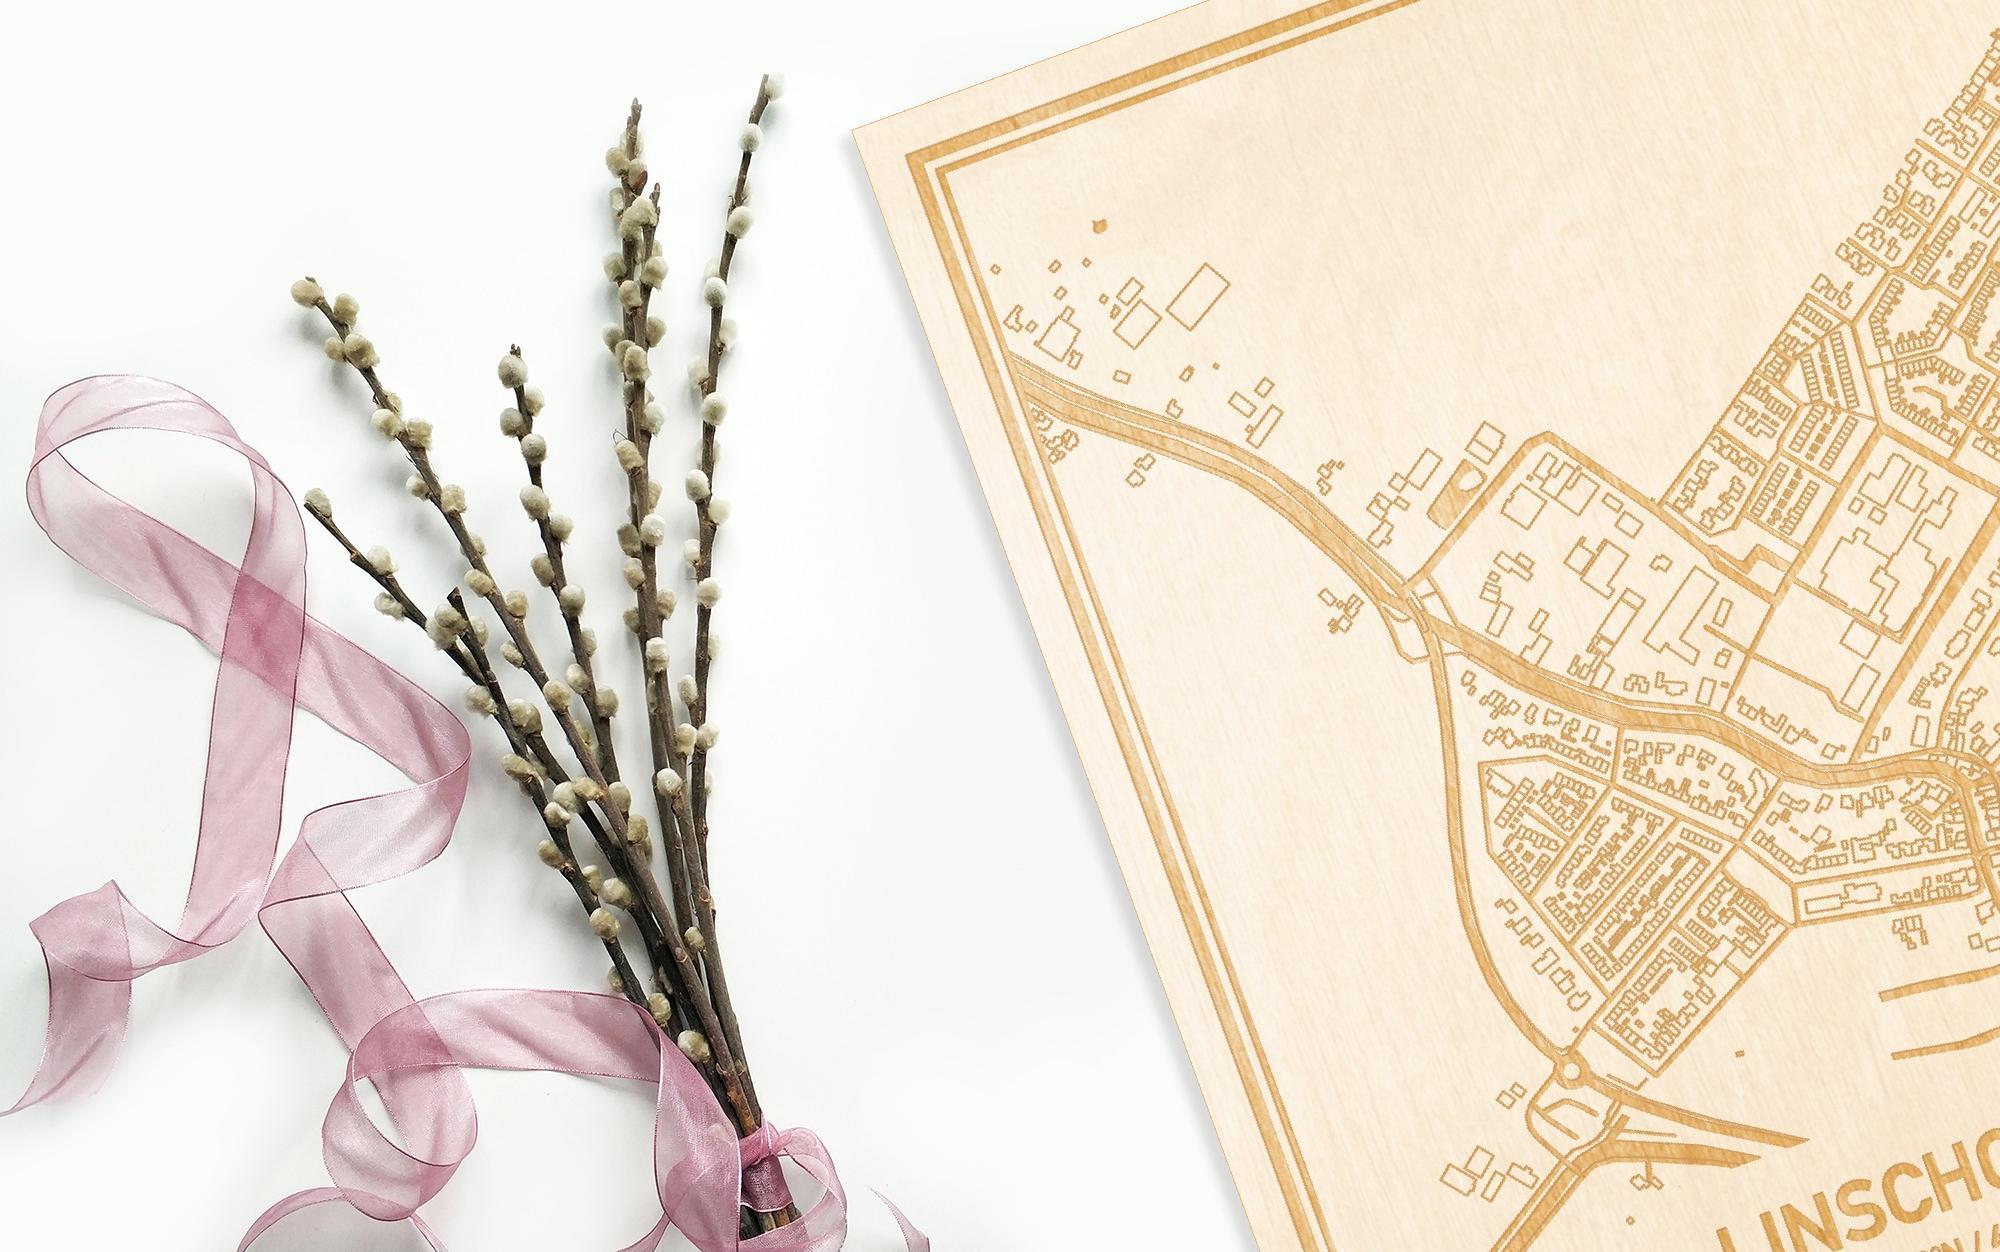 Hier ligt de houten plattegrond Linschoten naast een bloemetje als gepersonaliseerd cadeau voor haar.